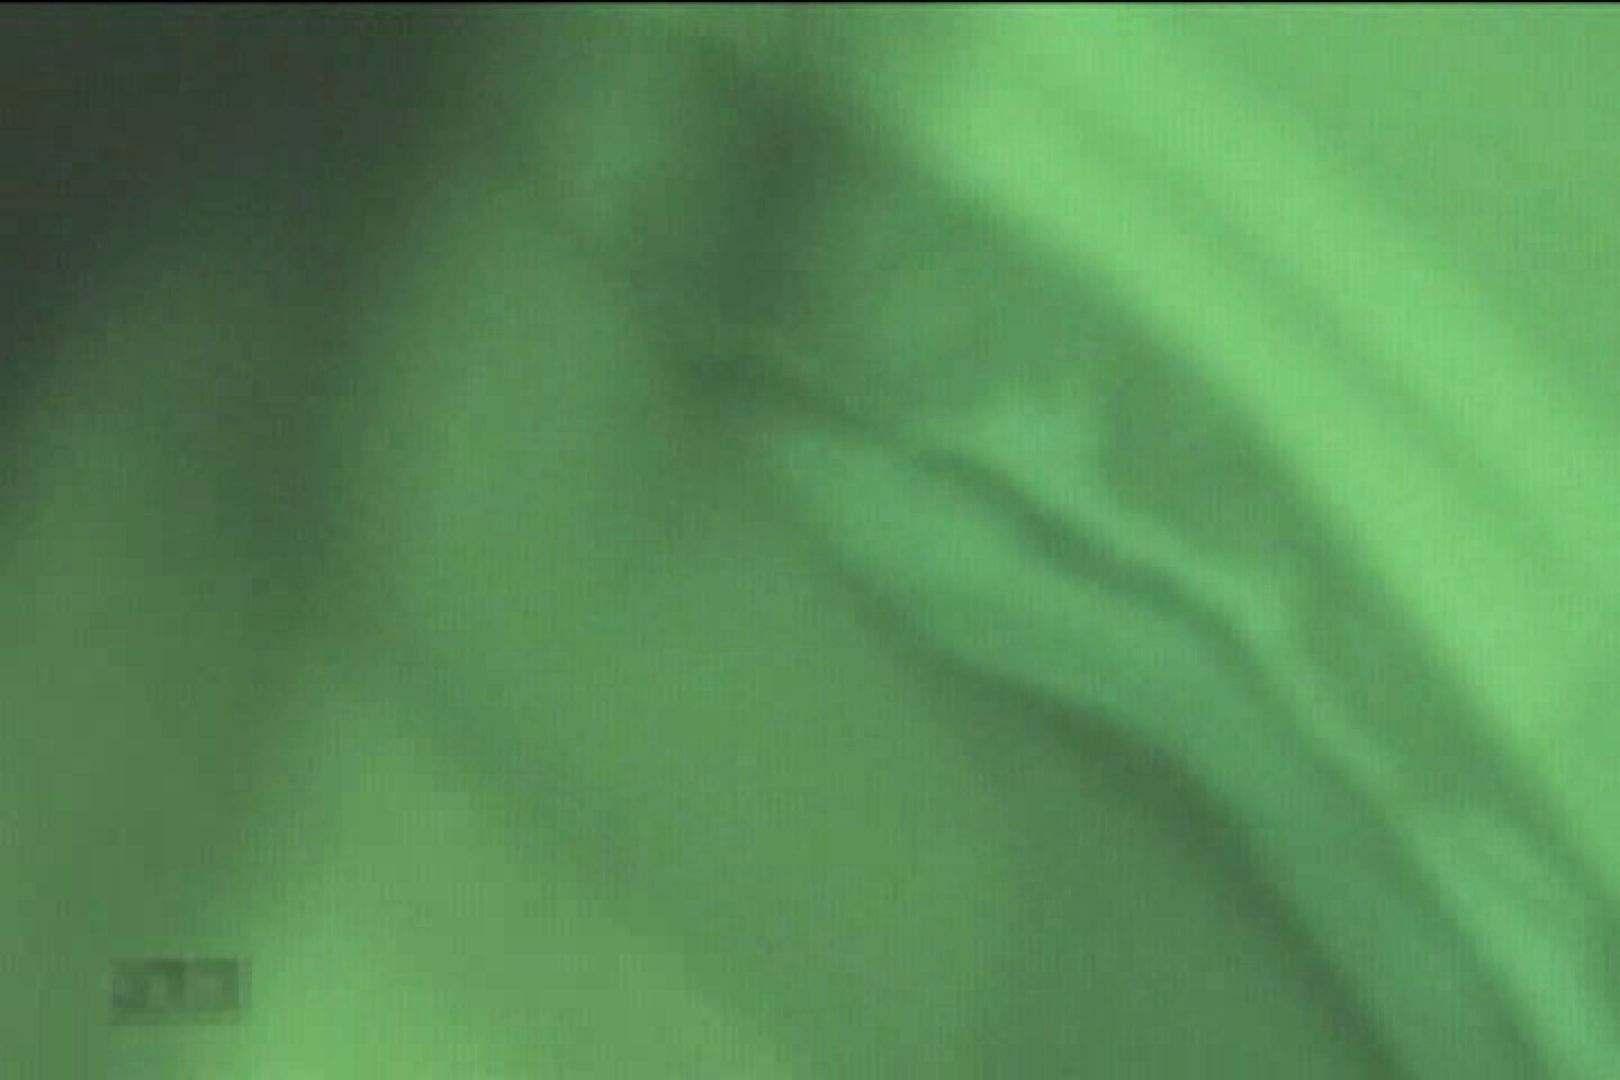 必撮!! チクビっくりVol.8 乳首ポロリ 盗撮エロ画像 58画像 22